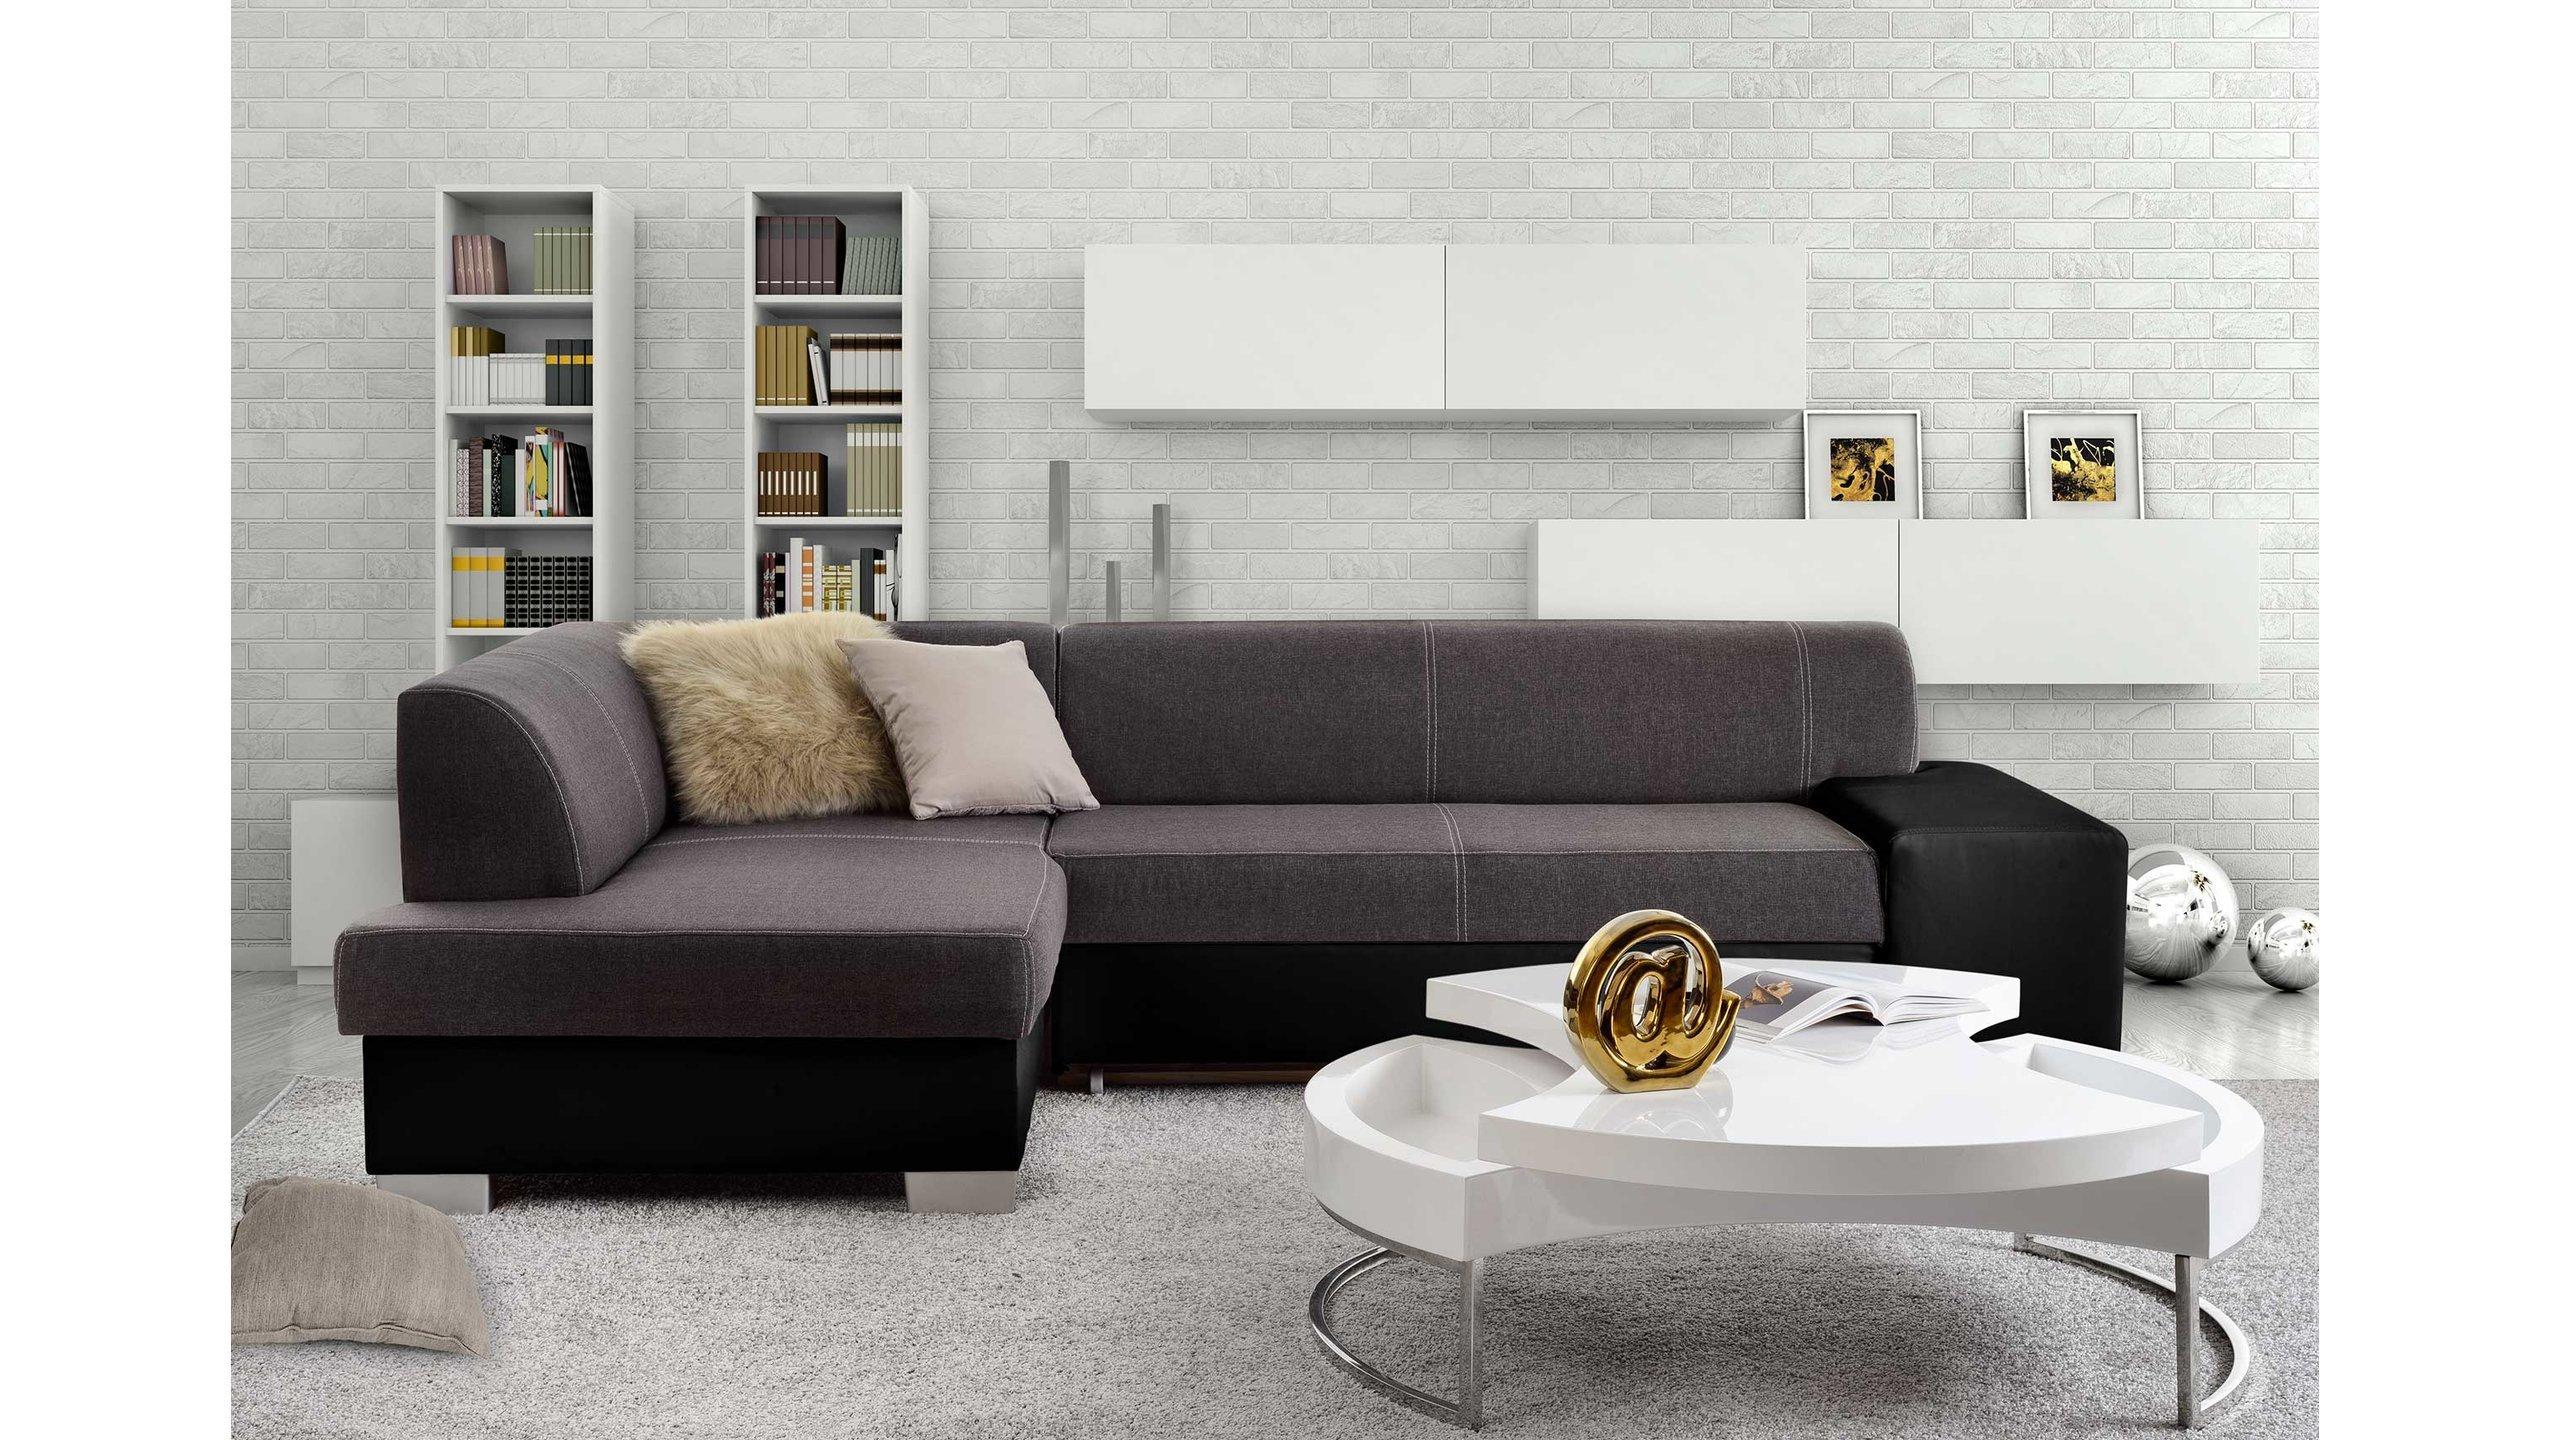 Divani ad angolo in tessuto grigio talpa e nero, tappeto grigio chiaro e tavolino bianco design.